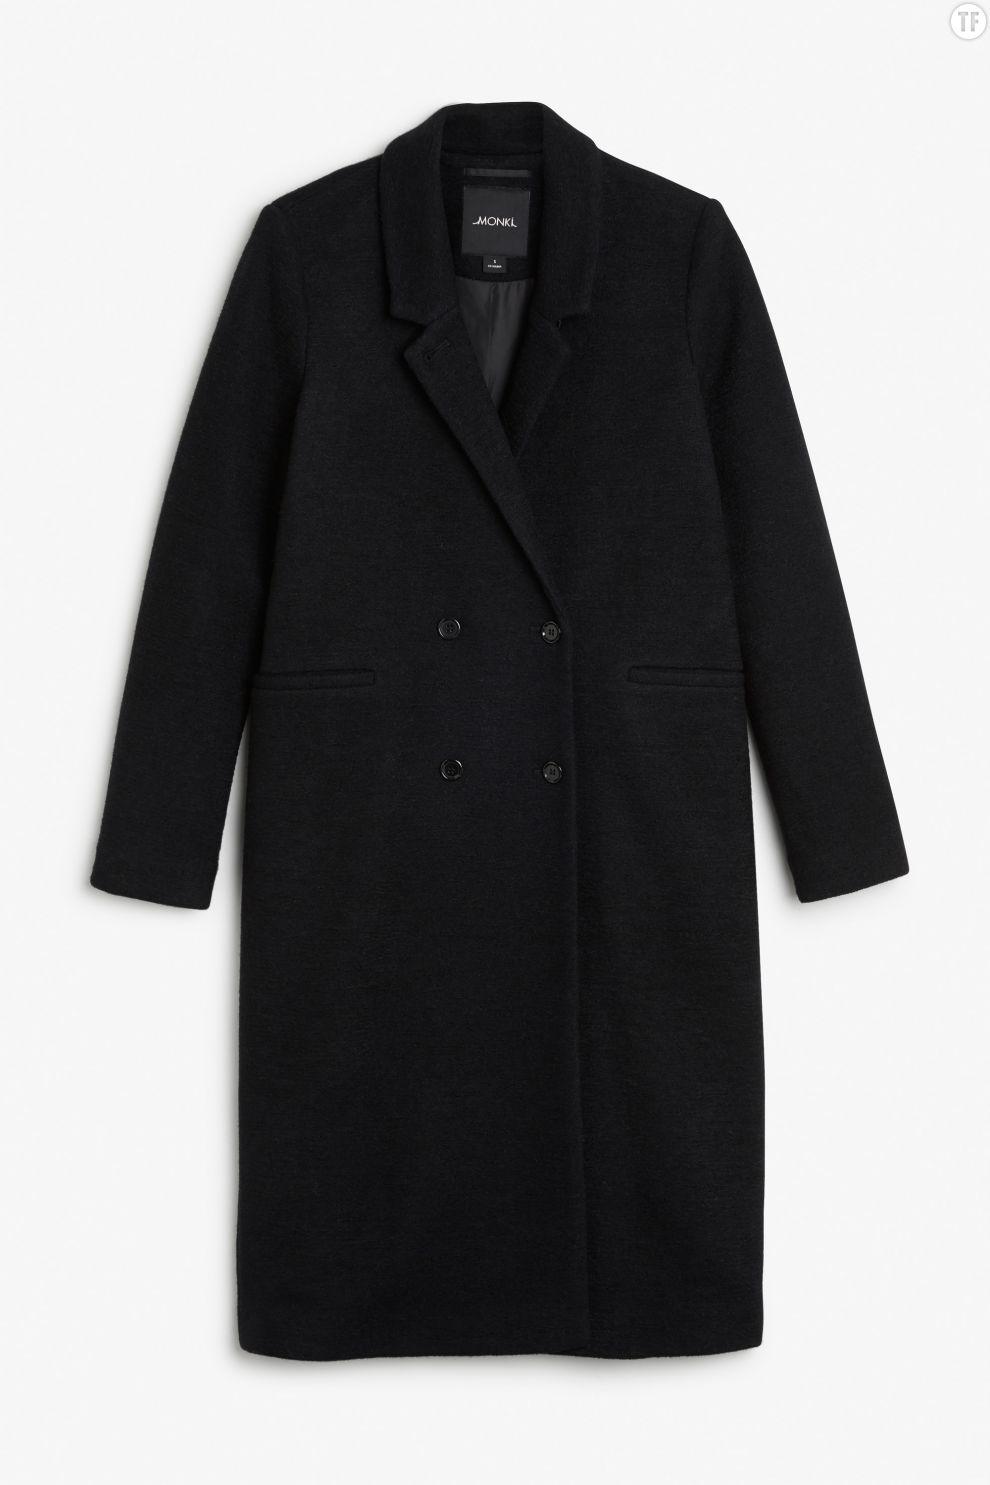 Manteau d'homme noir Monki, 80€